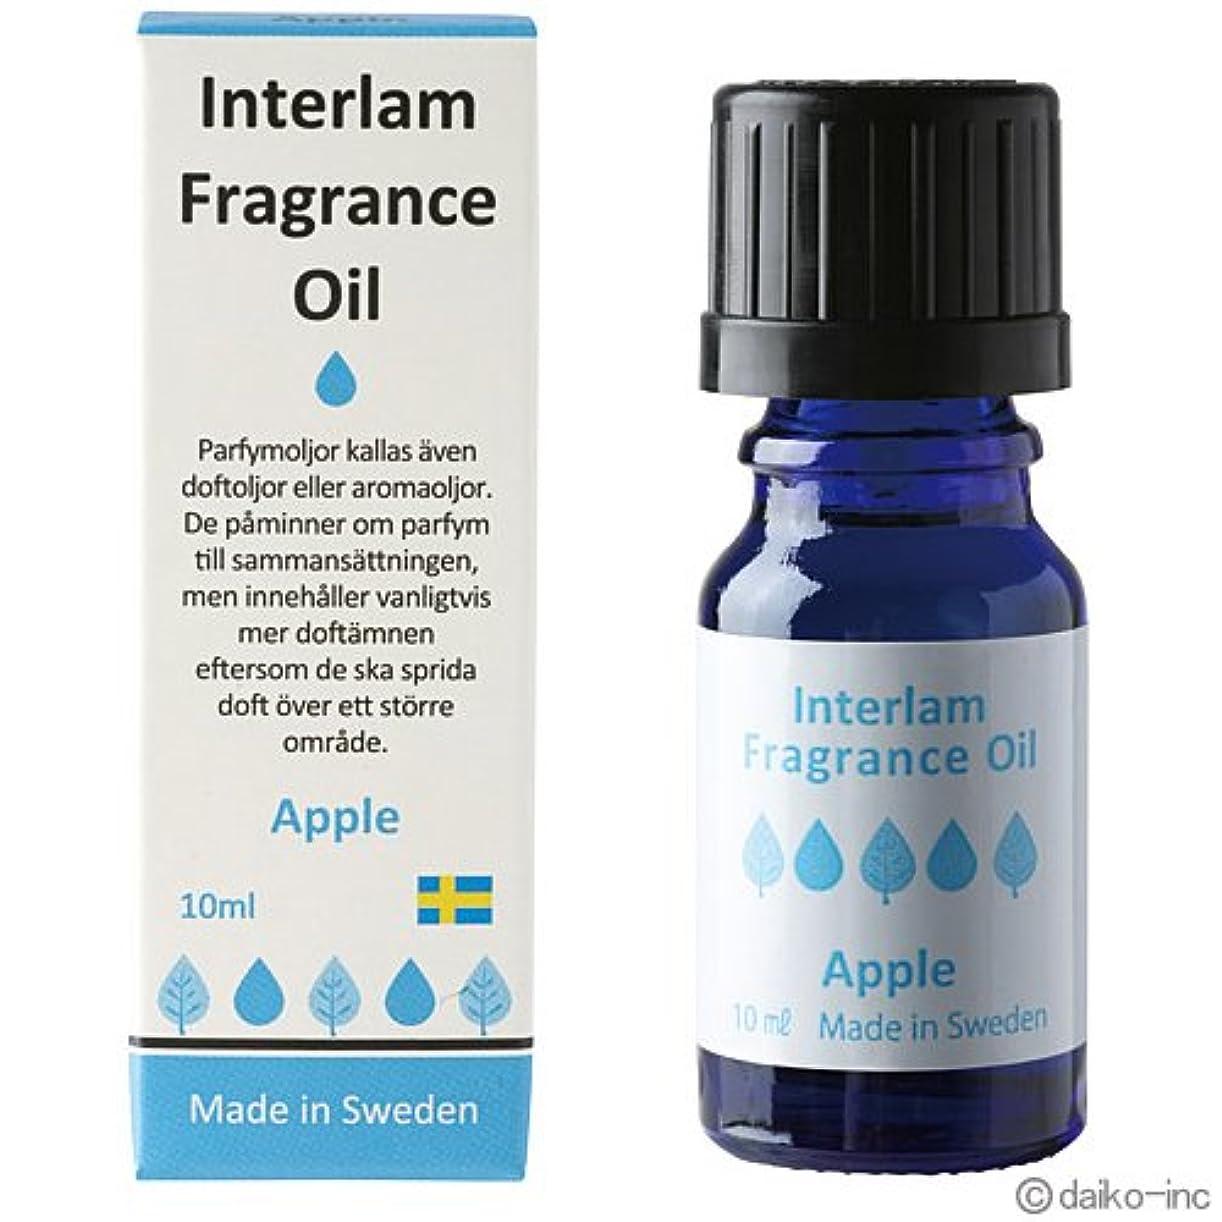 耳オーラルベーカリーInterlam Fragrance Oil アップル 10ml